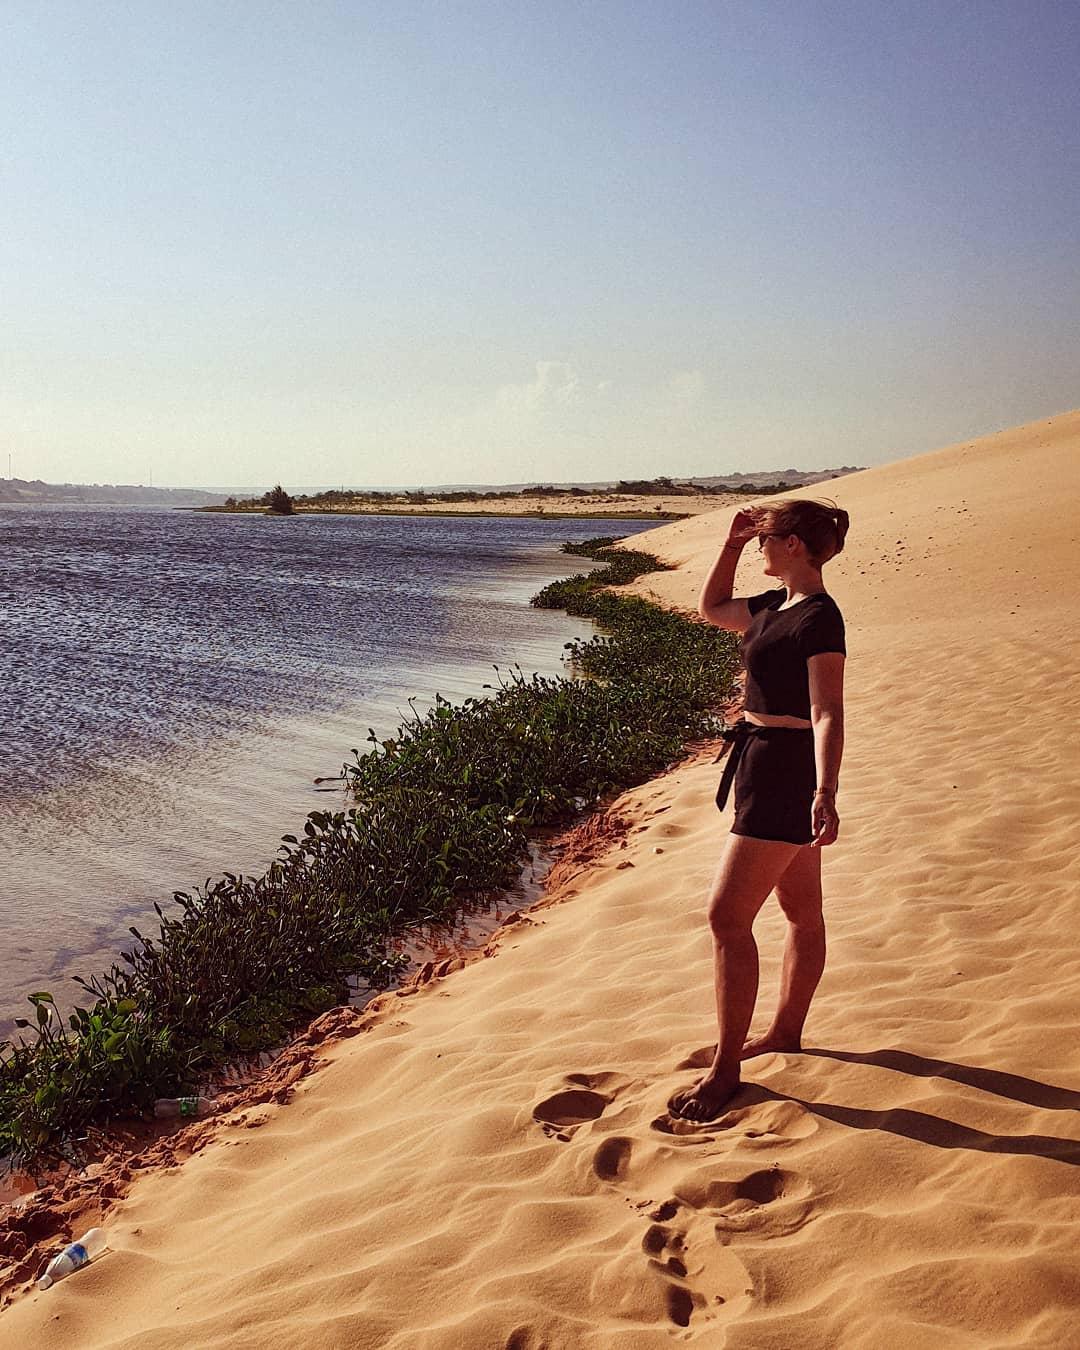 Strand in Sicht! 🏝 Morgen geht es über das Wochenende mit den ganzen…